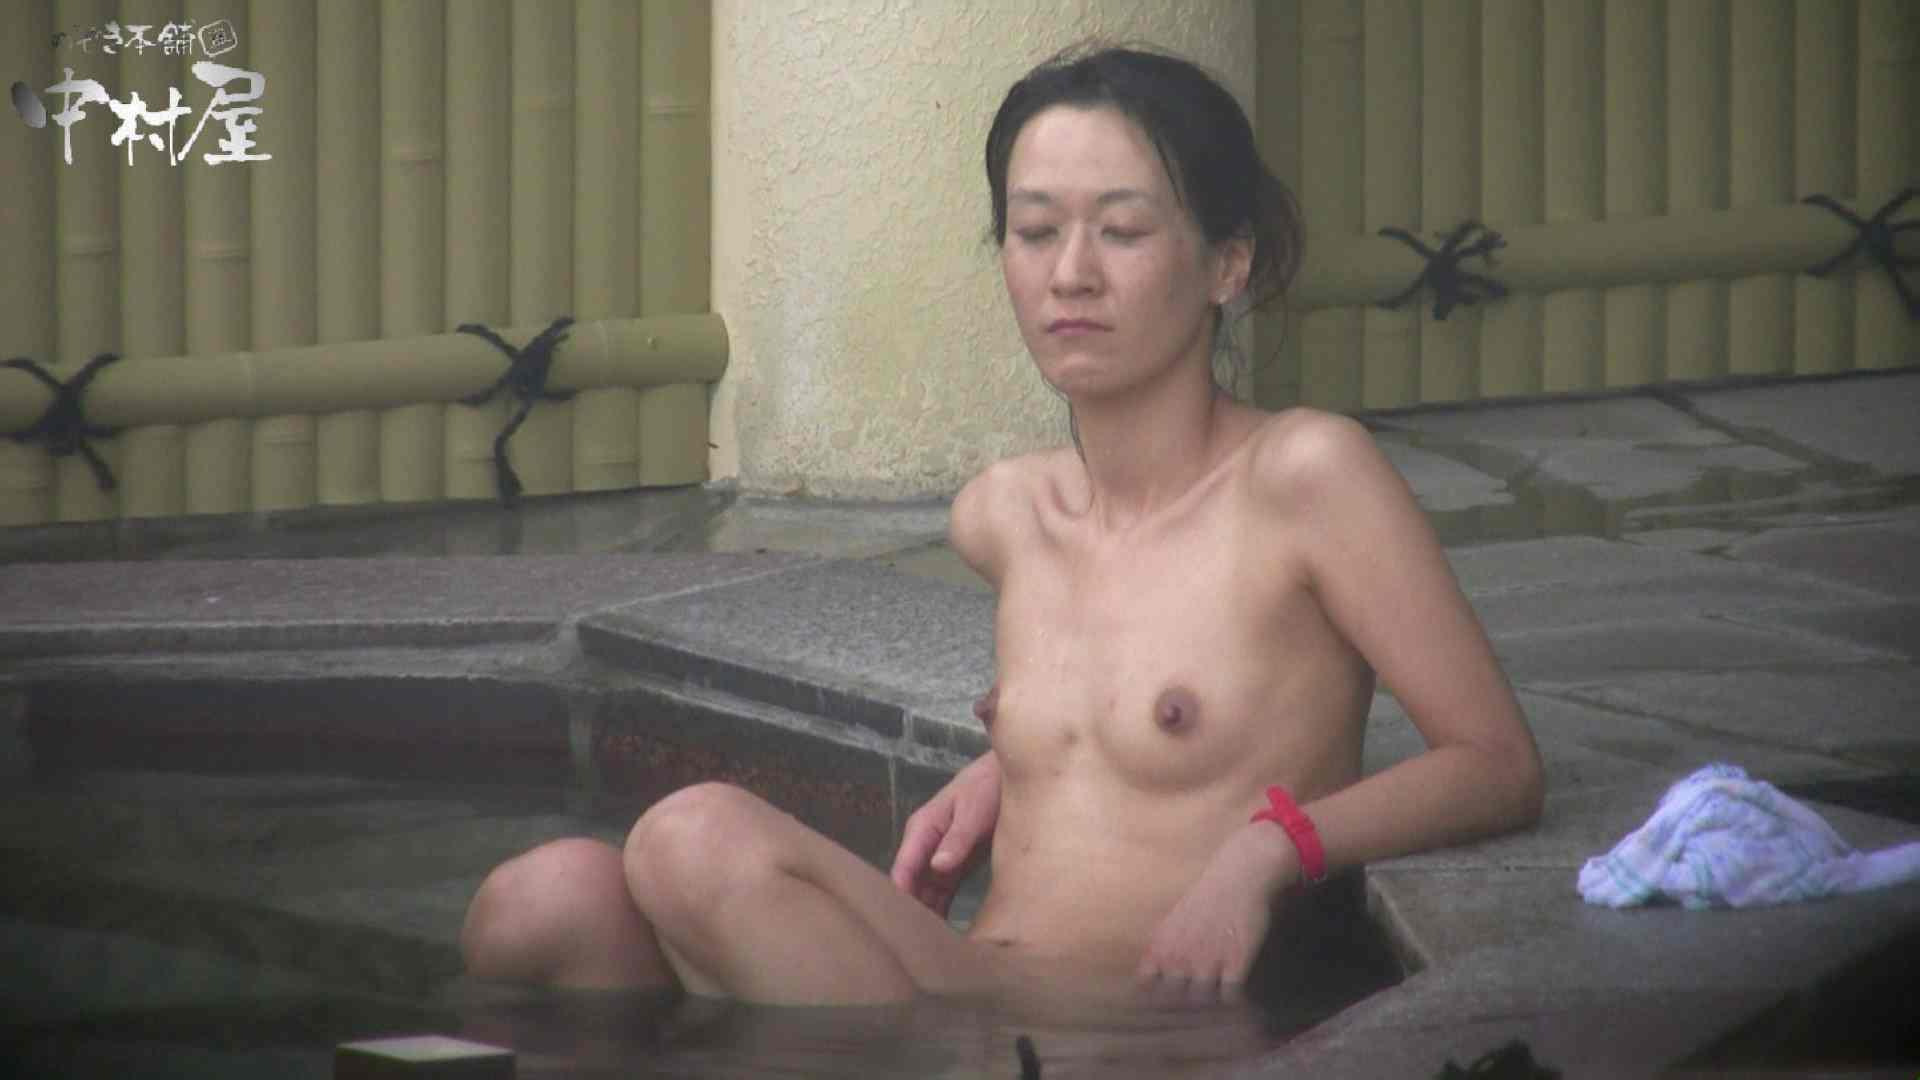 Aquaな露天風呂Vol.928 露天風呂 | 盗撮動画  10枚 9